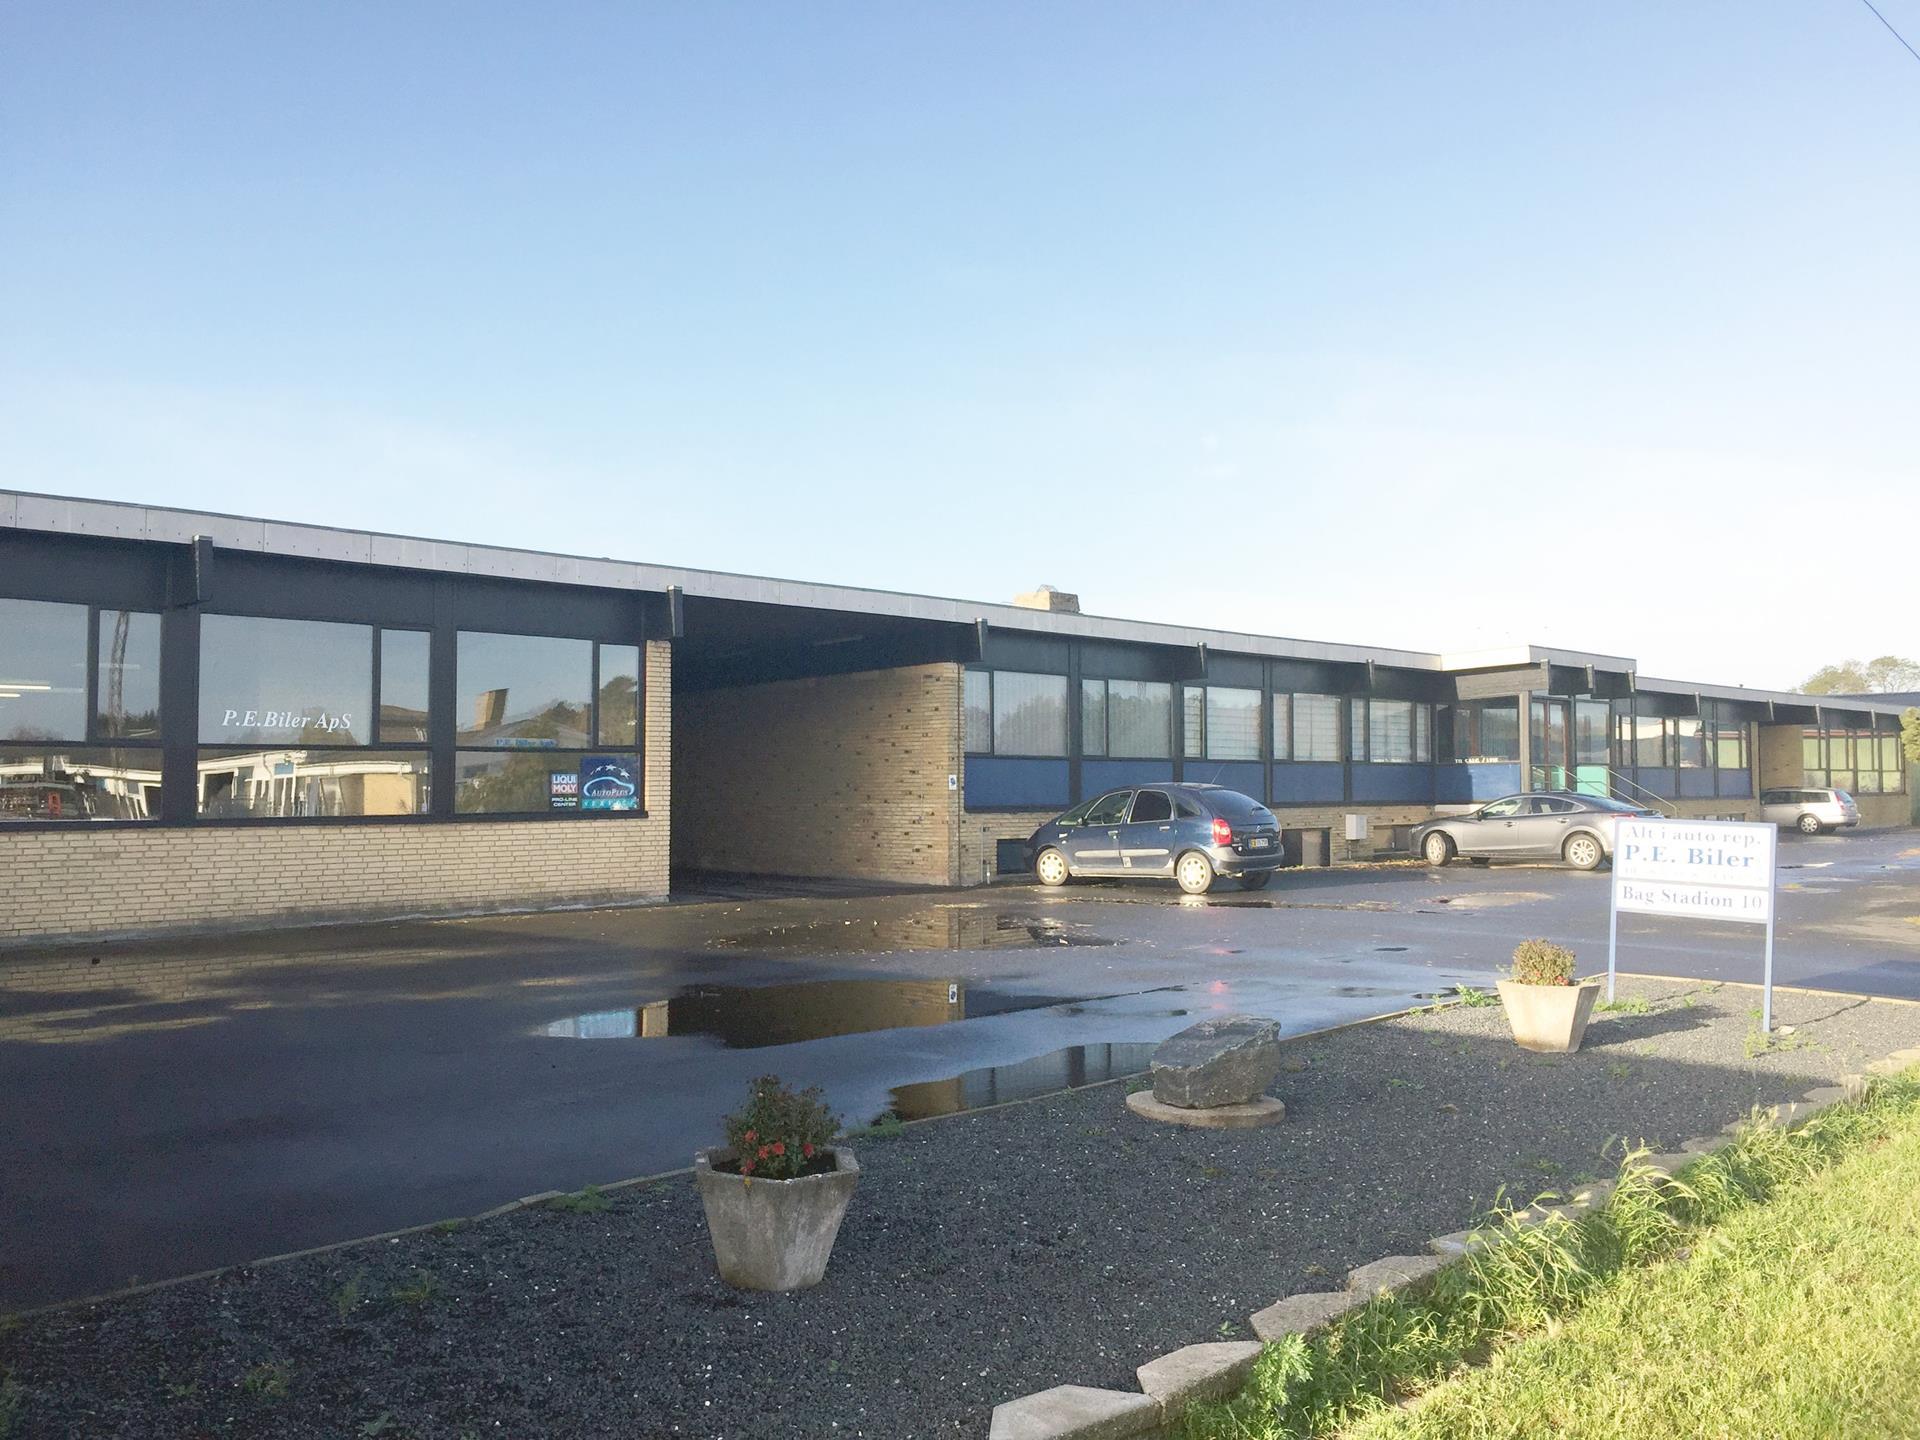 Bolig/erhverv på Bag Stadion i Korsør - Andet